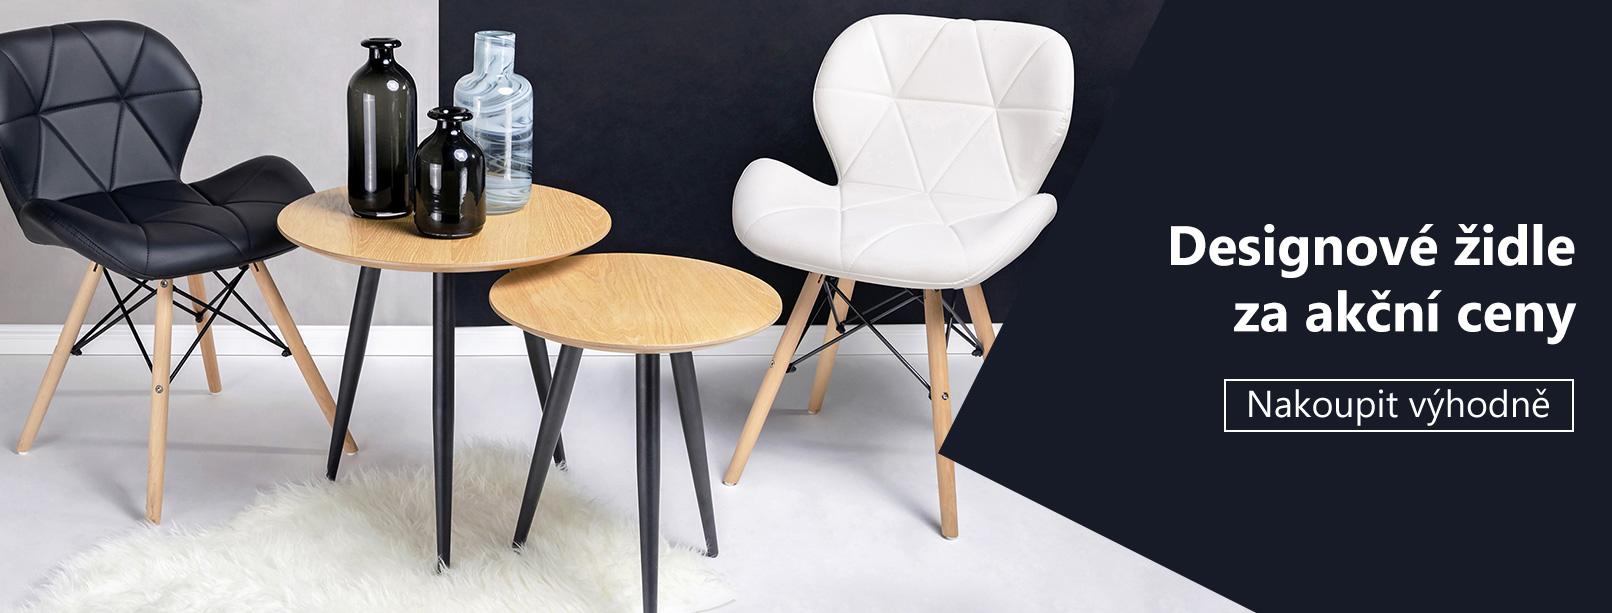 Designové židle za akční ceny